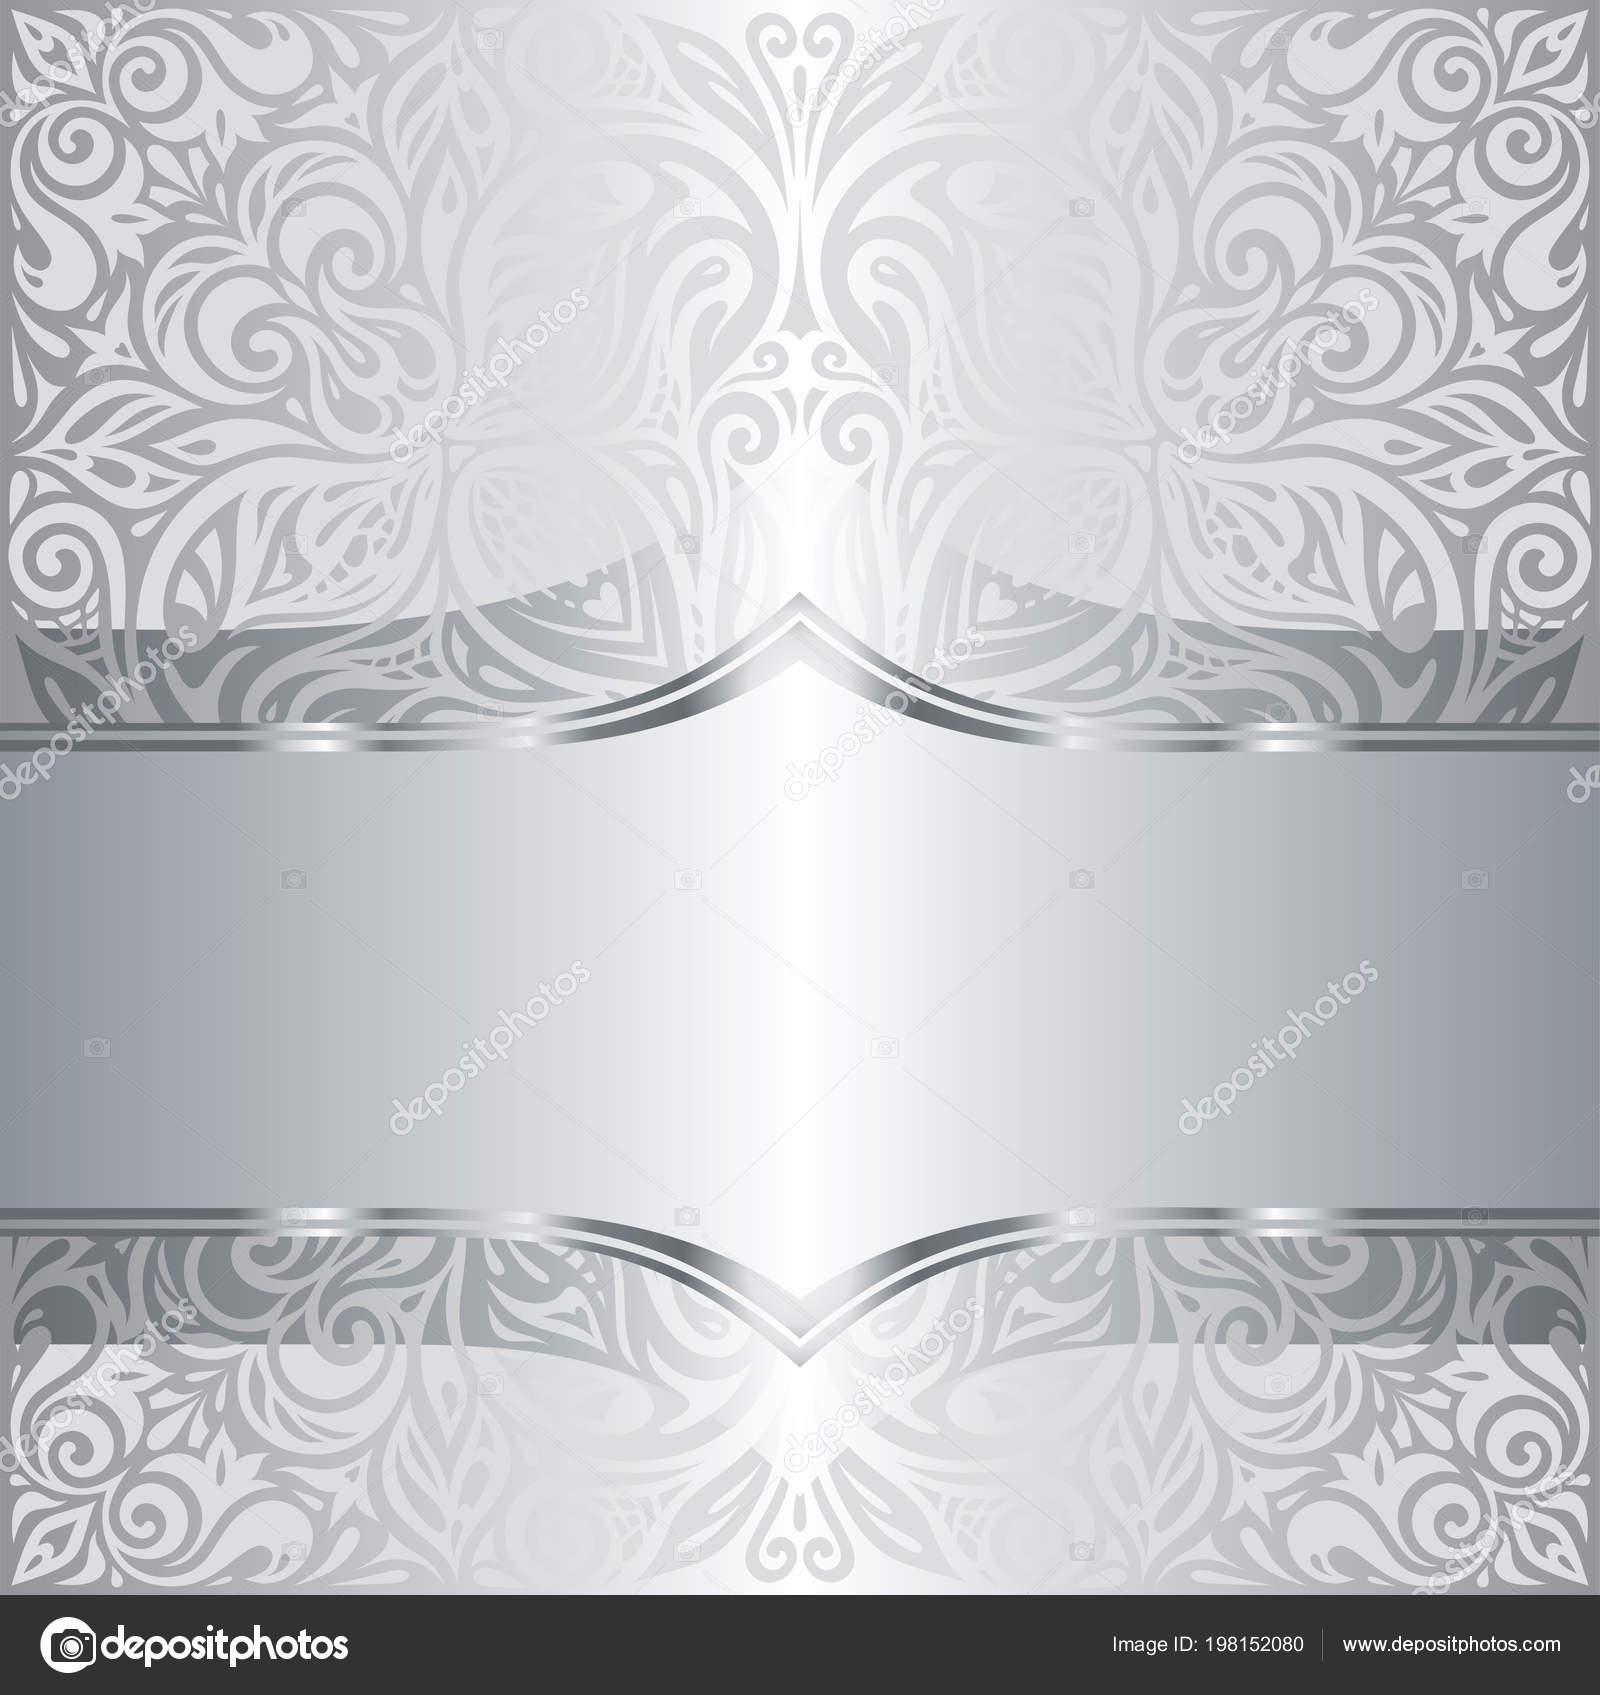 Silber Glanzend Vintage Blumenmuster Tapete Hintergrund Design